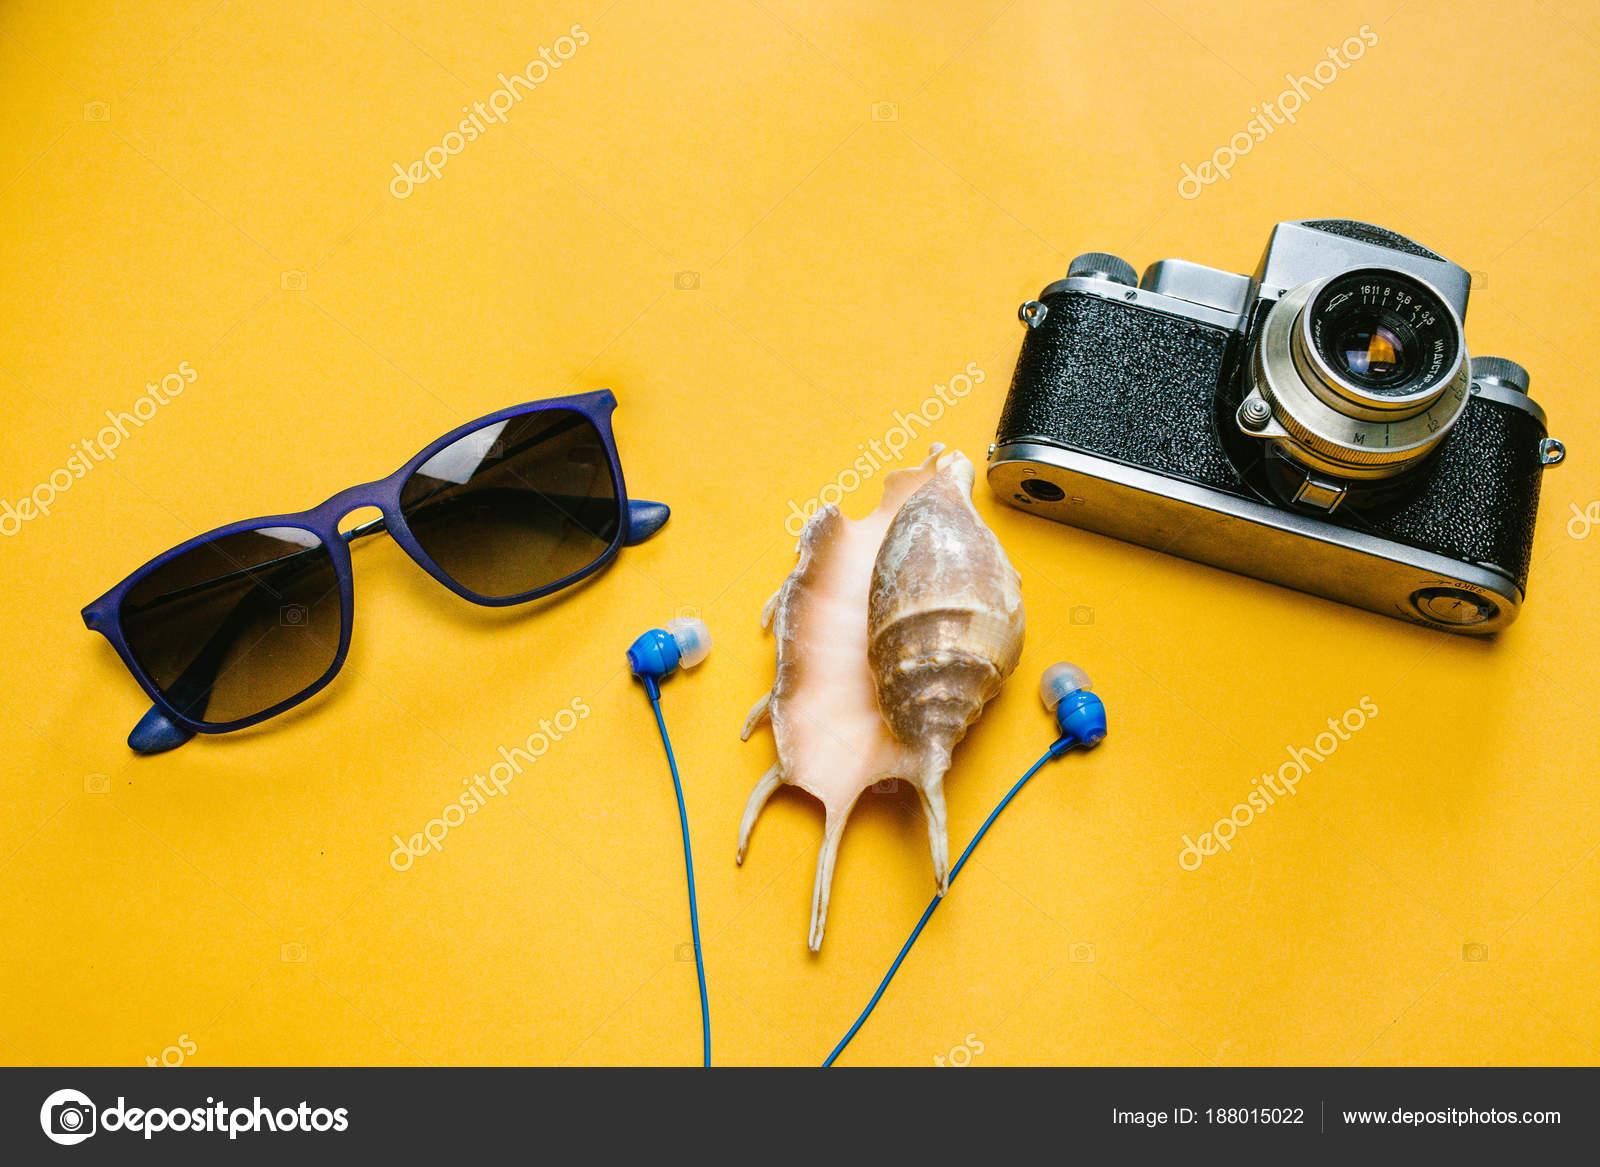 1270c5d4722f6 Acessórios de um viajante em um fundo amarelo com óculos de sol ...